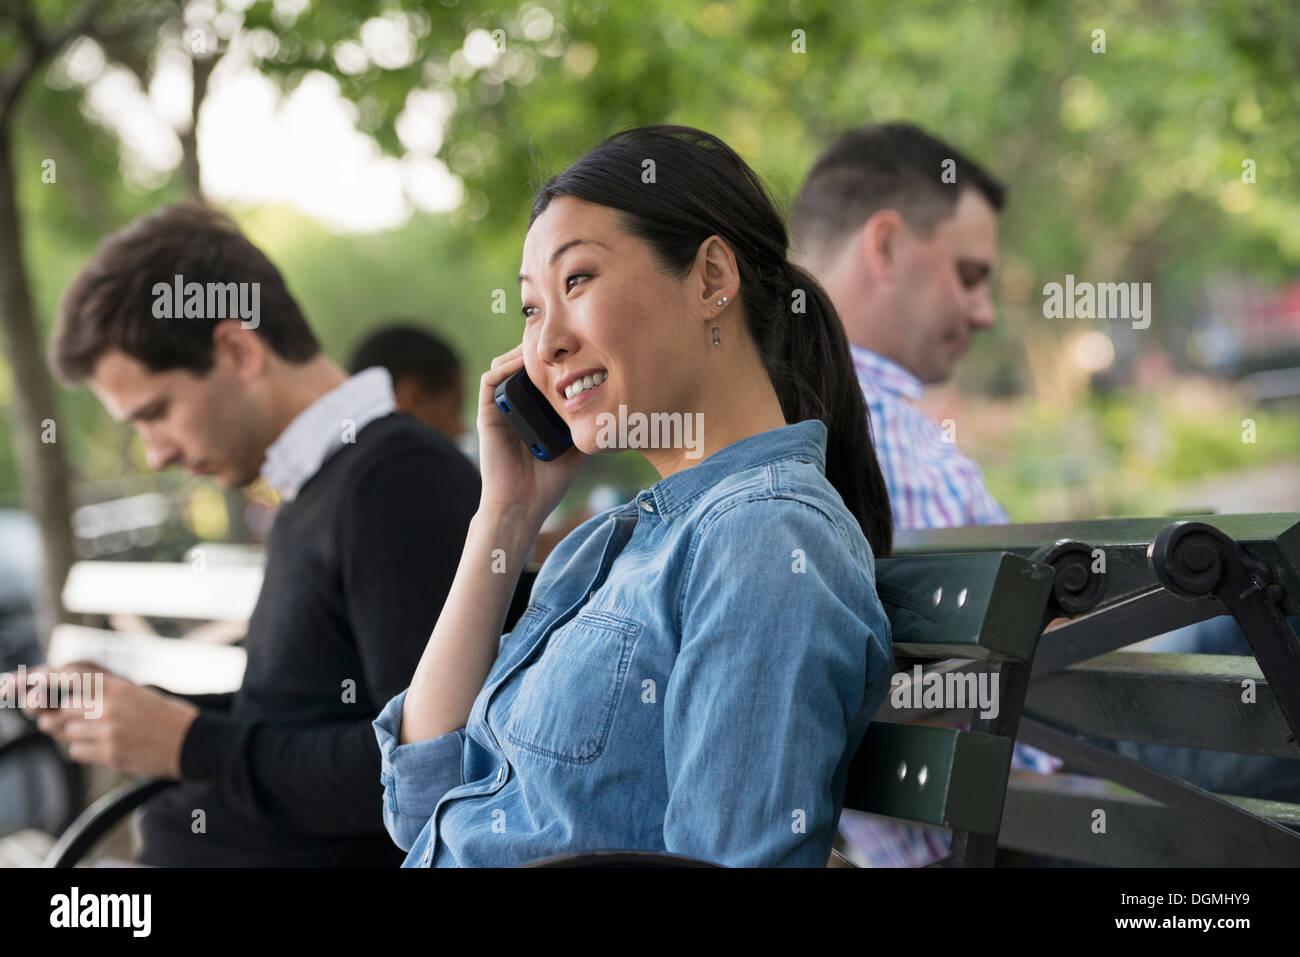 Estate in città. Una donna e tre uomini seduti nel parco, ognuno sul proprio telefono o utilizzando un tablet. Immagini Stock